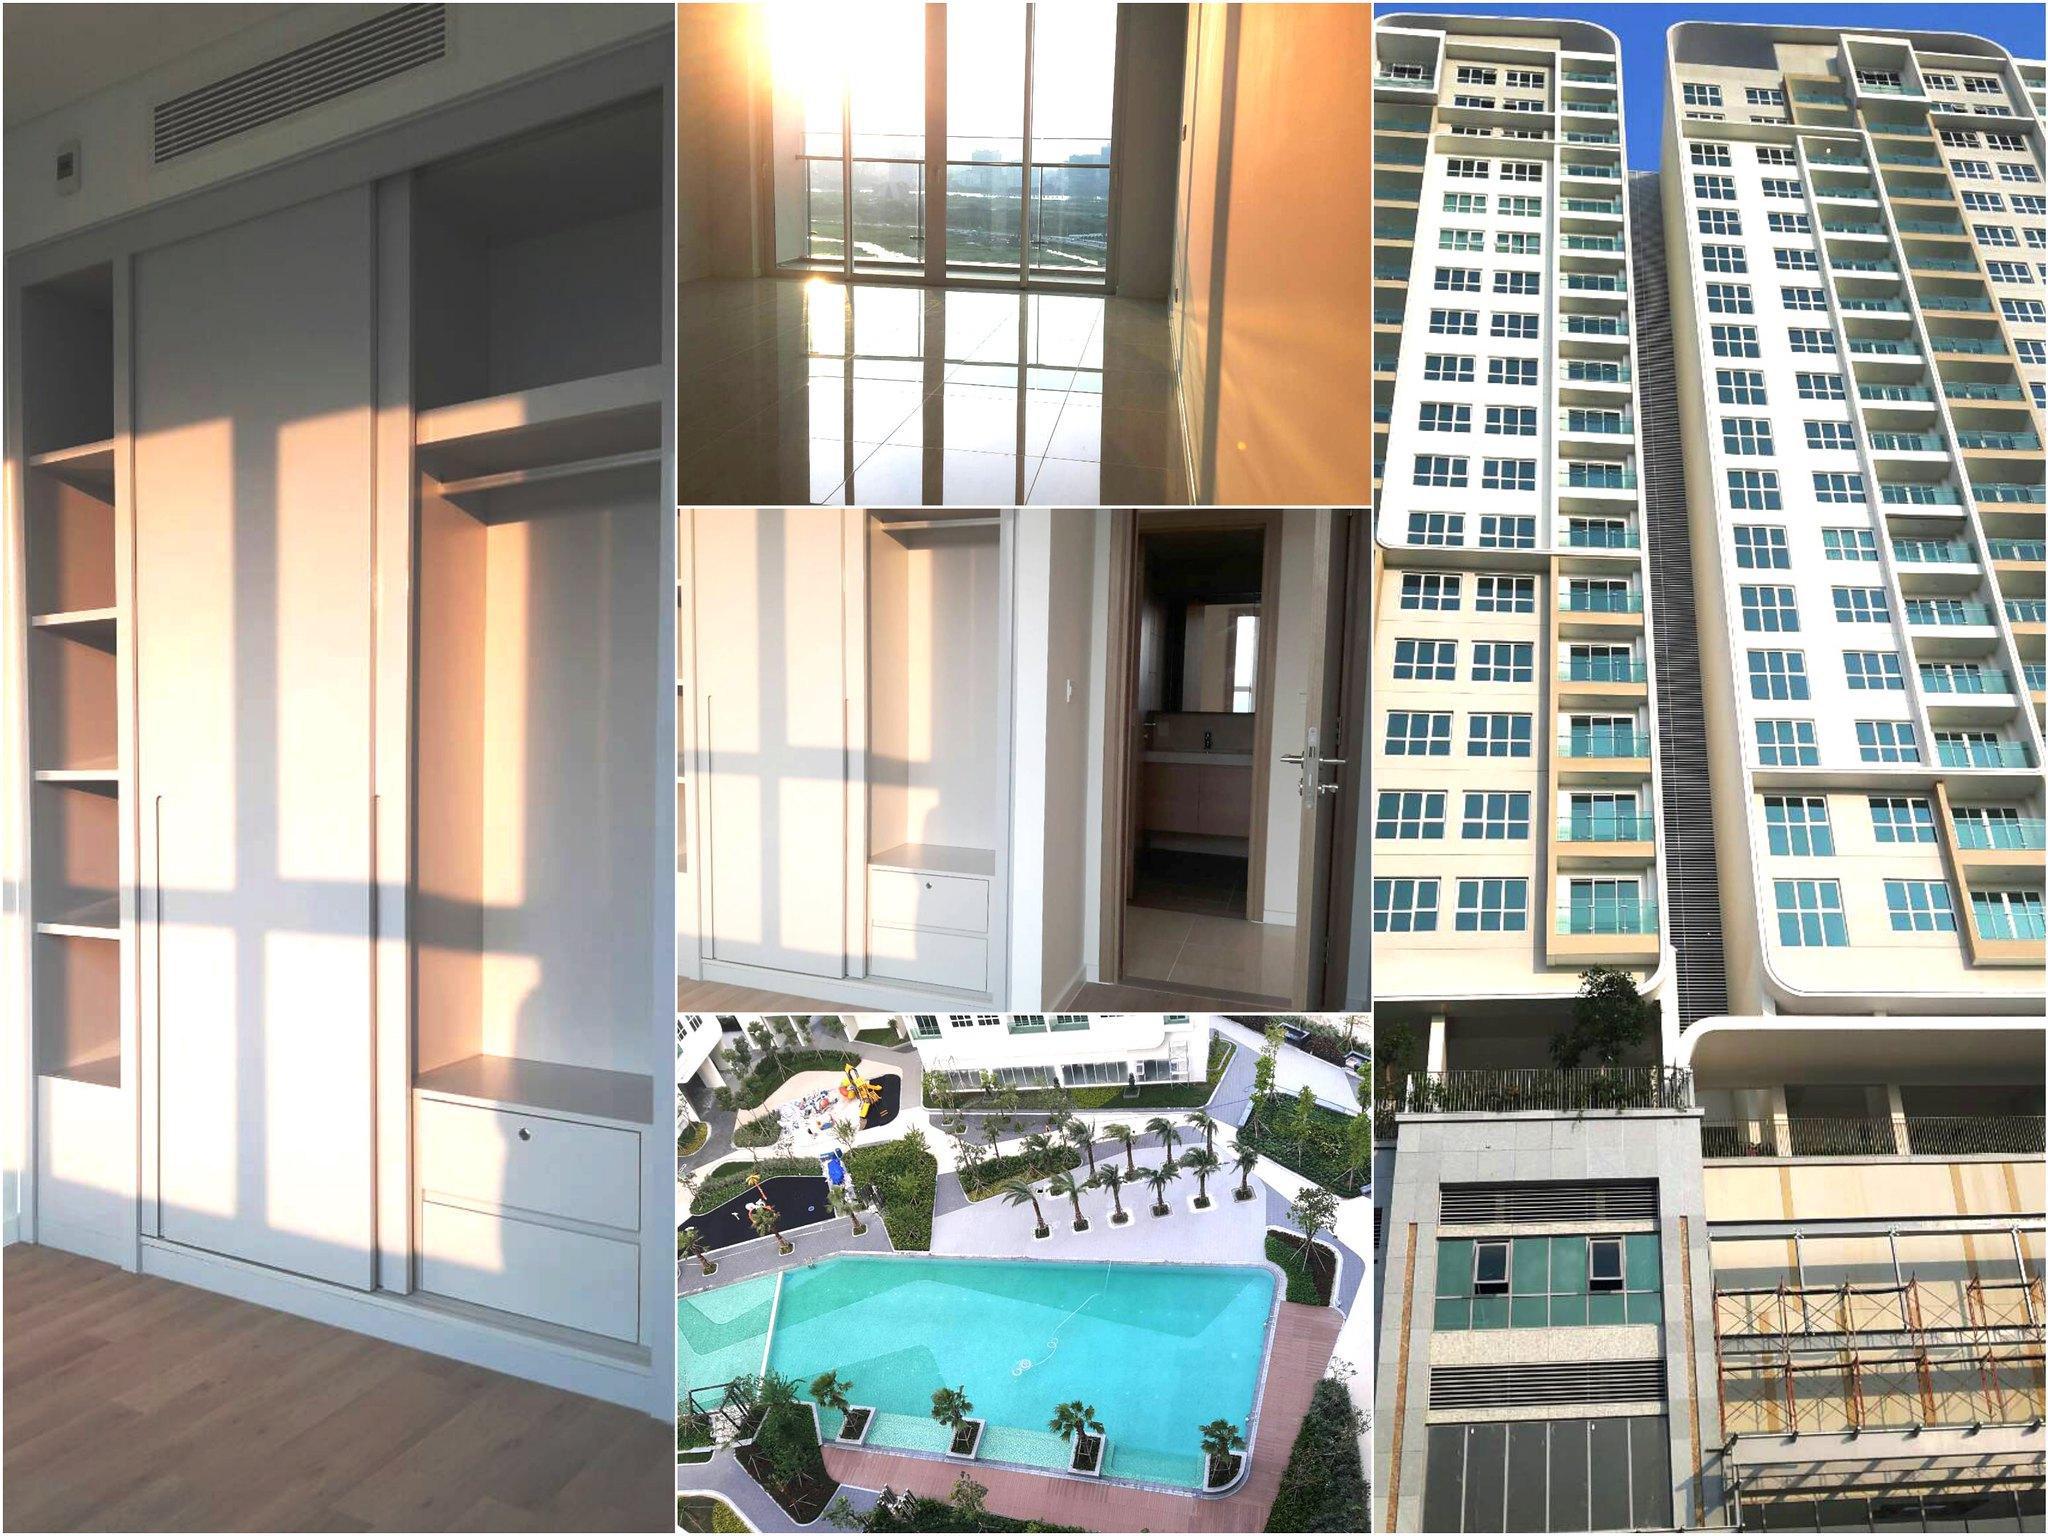 Chuyên cho thuê căn hộ tại Sadora, Khu đô thị Sala. Hotline tư vấn 24/7: 0902601689